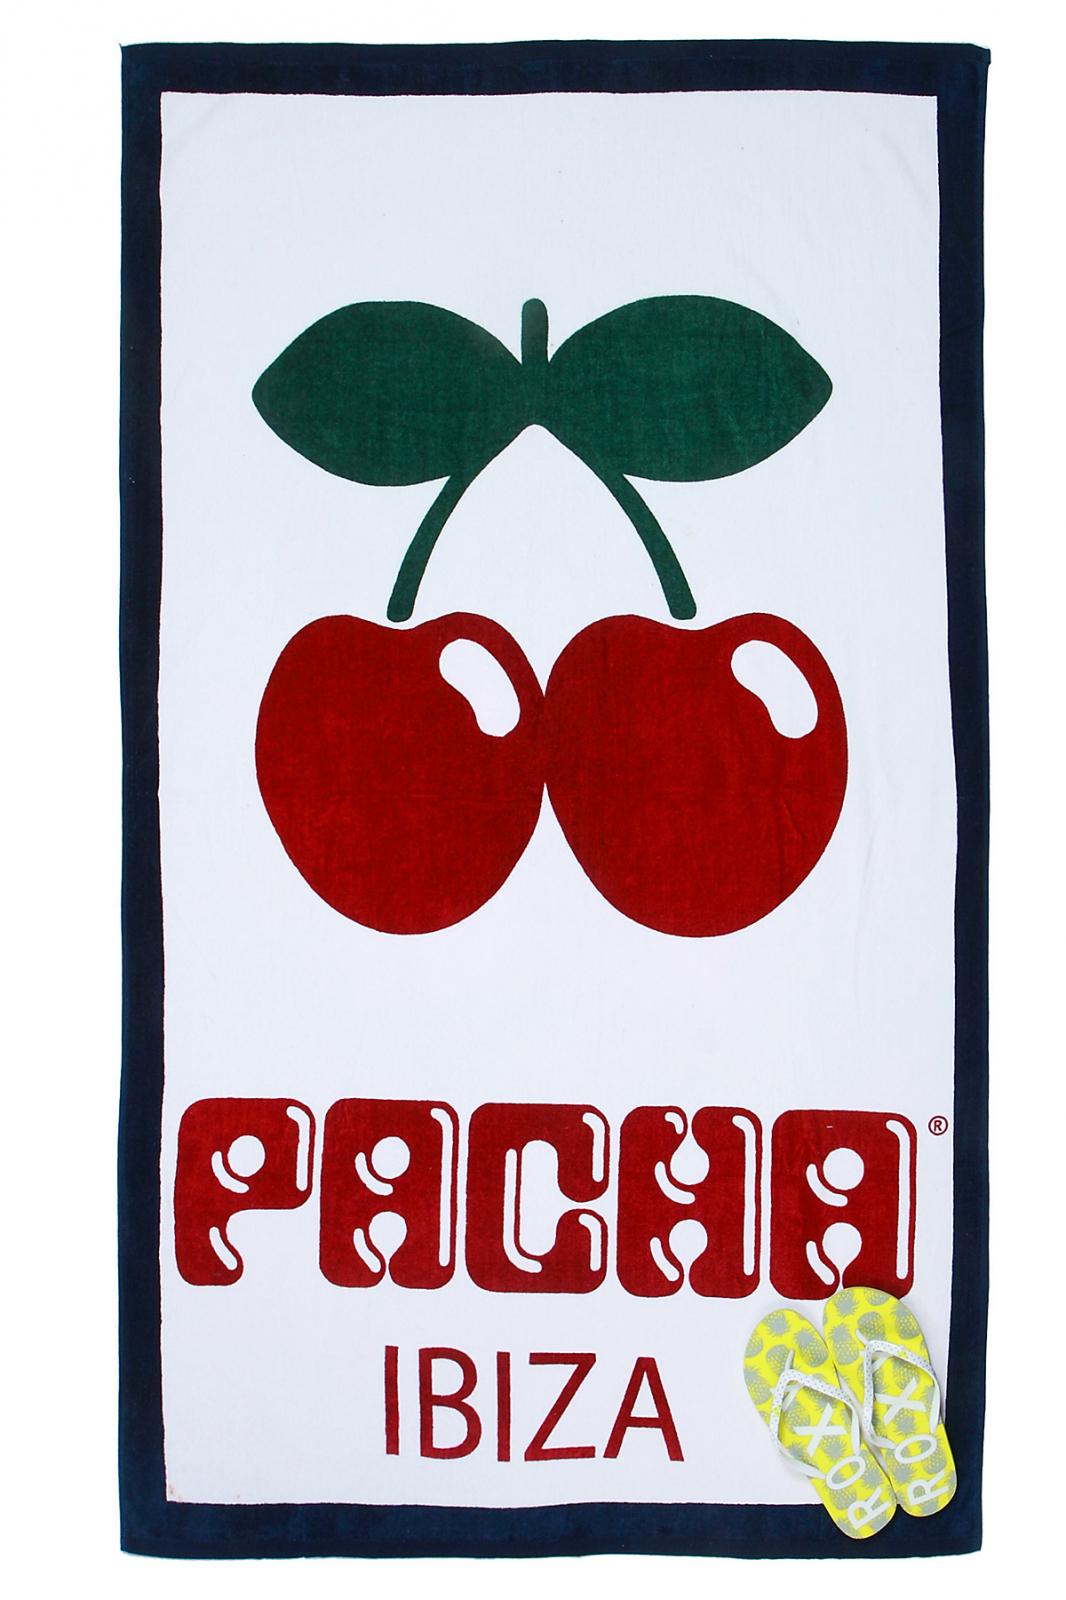 Полотенца клубные Pacha оптом с доставкой и оплатой на ваш выбор